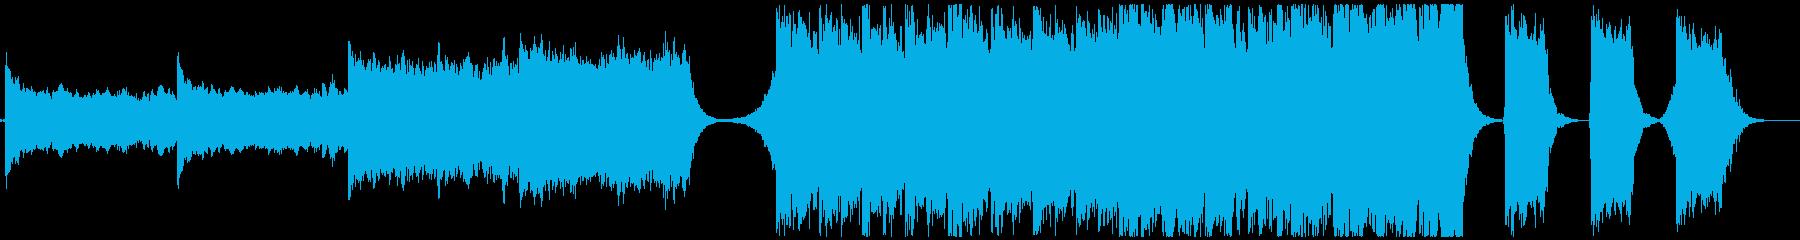 【予告編】トレーラー・ハリウッド・壮大の再生済みの波形